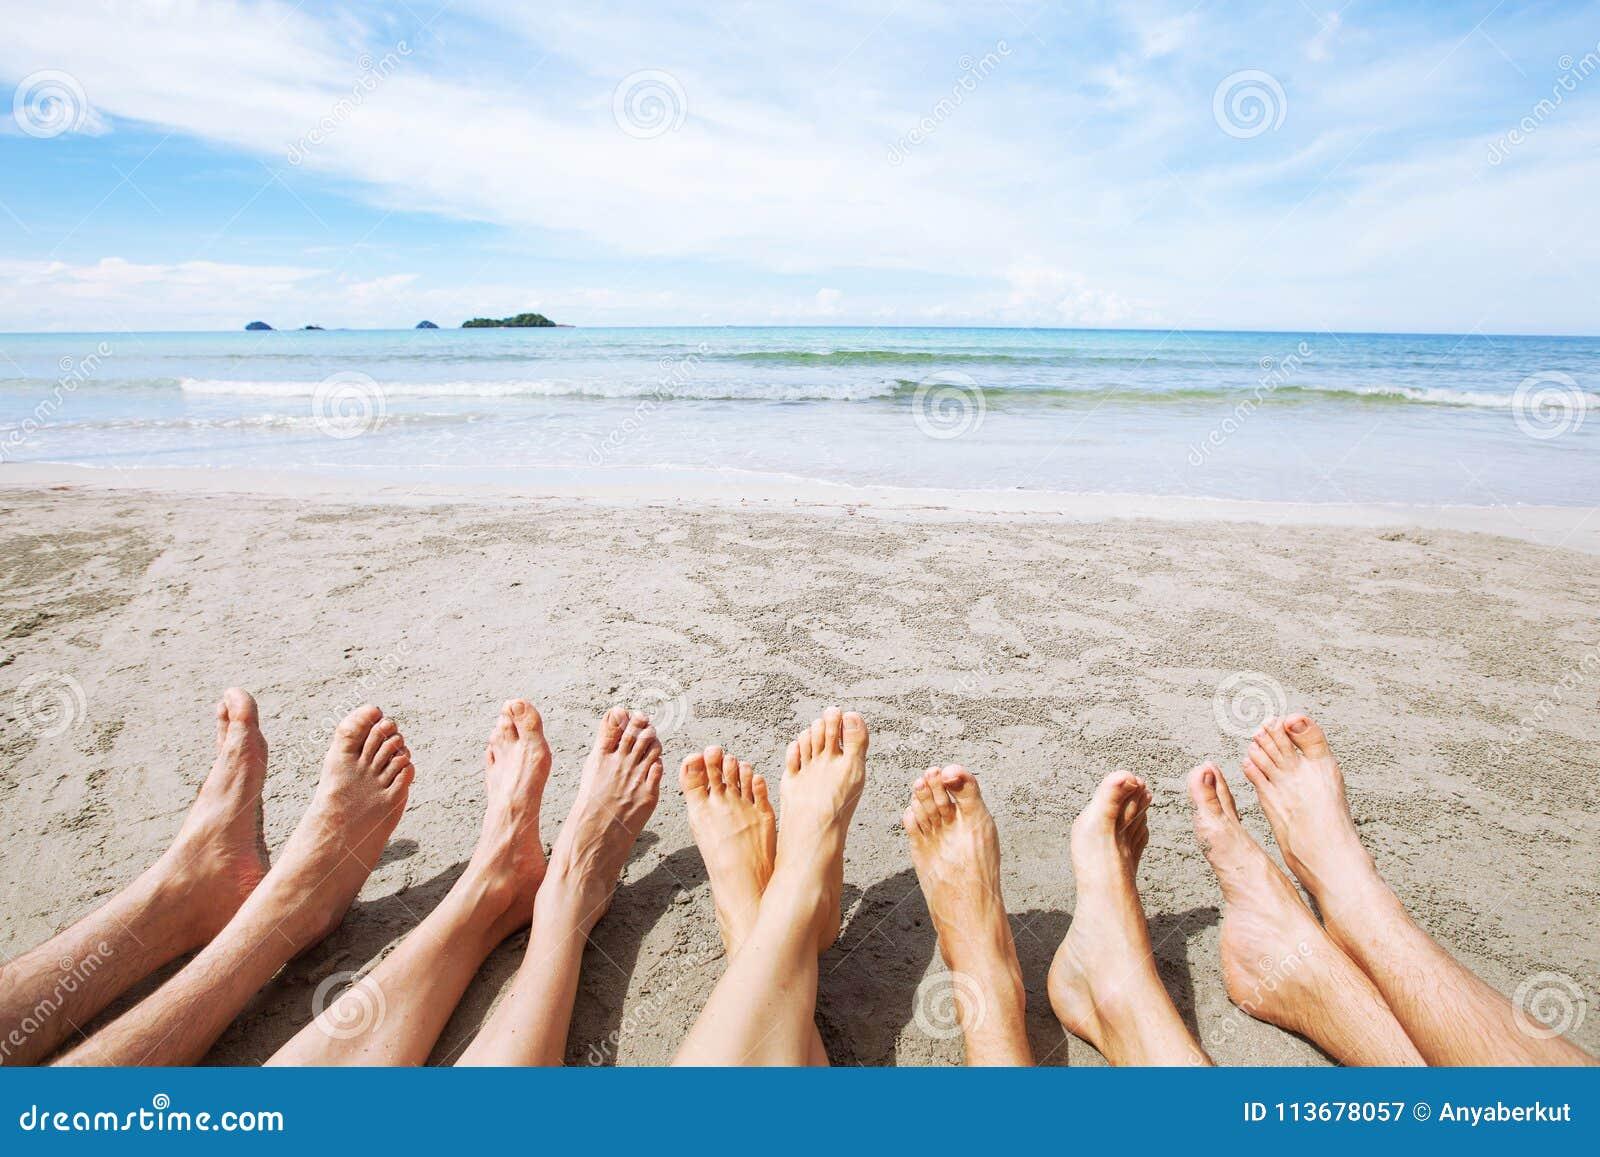 Voeten van familie of groep vrienden op het strand, vele mensen die samen zitten